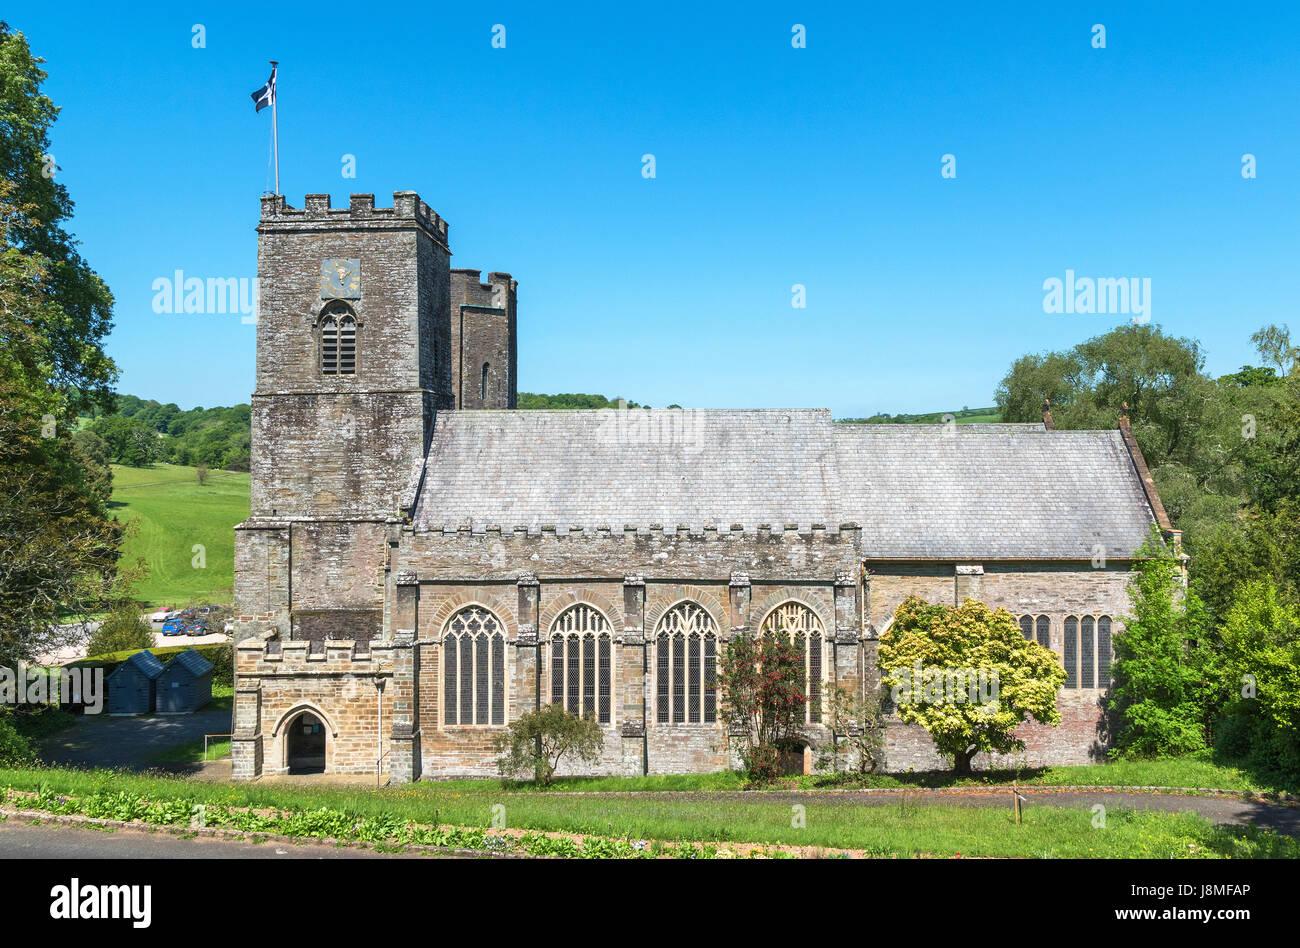 St.Germans Priorat, Pfarrkirche Dorf, st.germans, Cornwall, England, Großbritannien, uk Stockbild